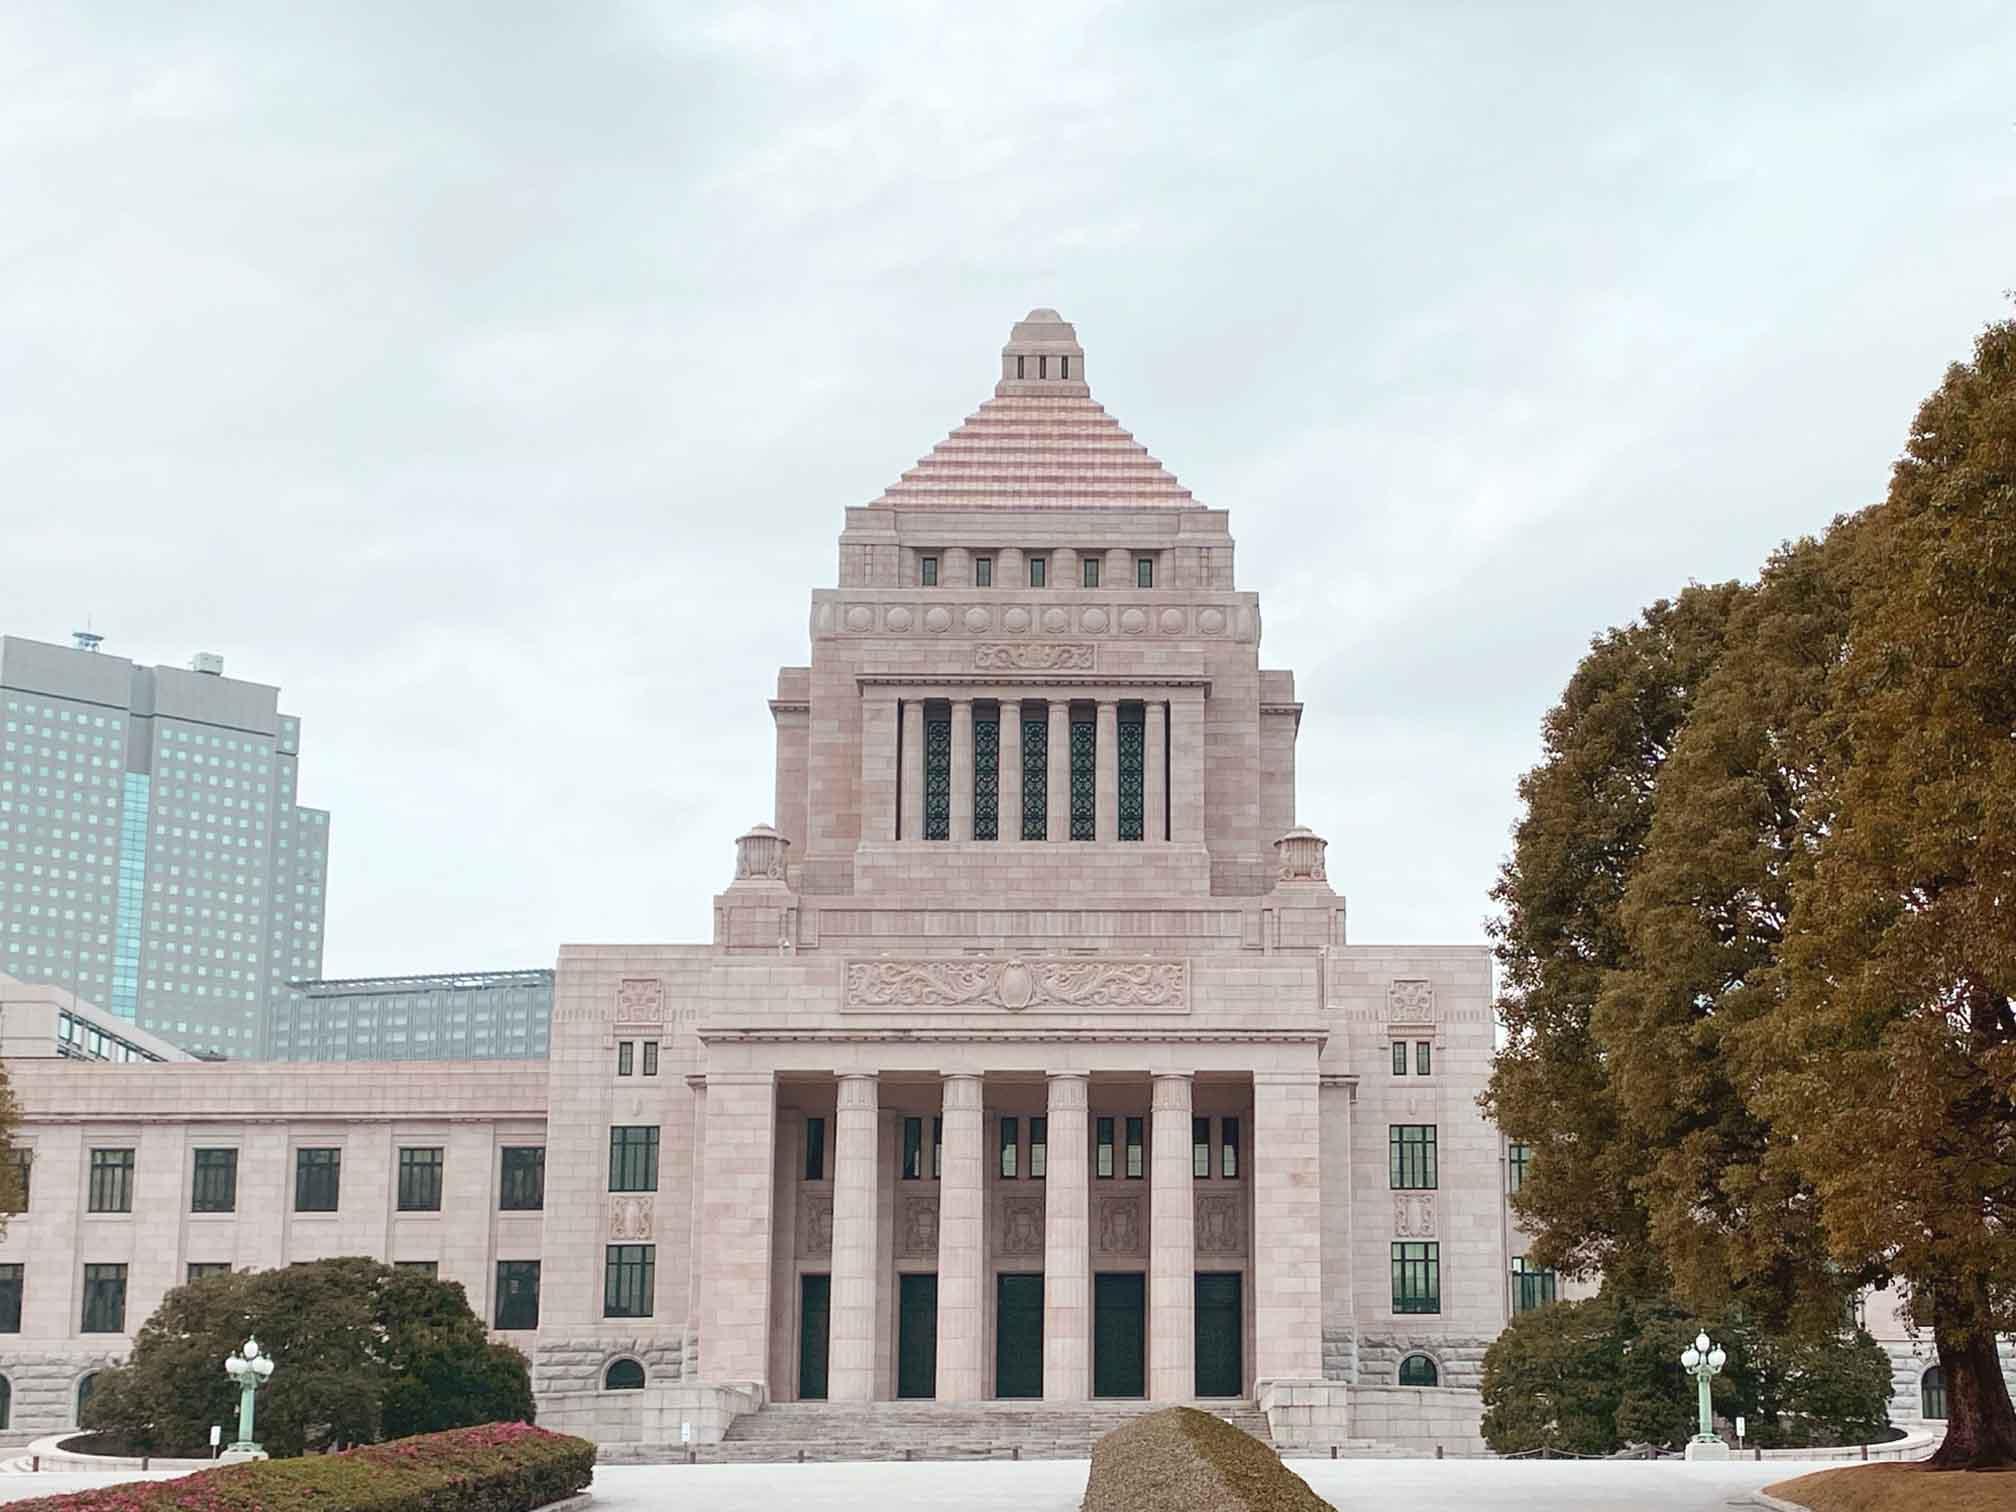 国会議事堂のピラミット状の屋根にも信楽焼のタイルが使われている